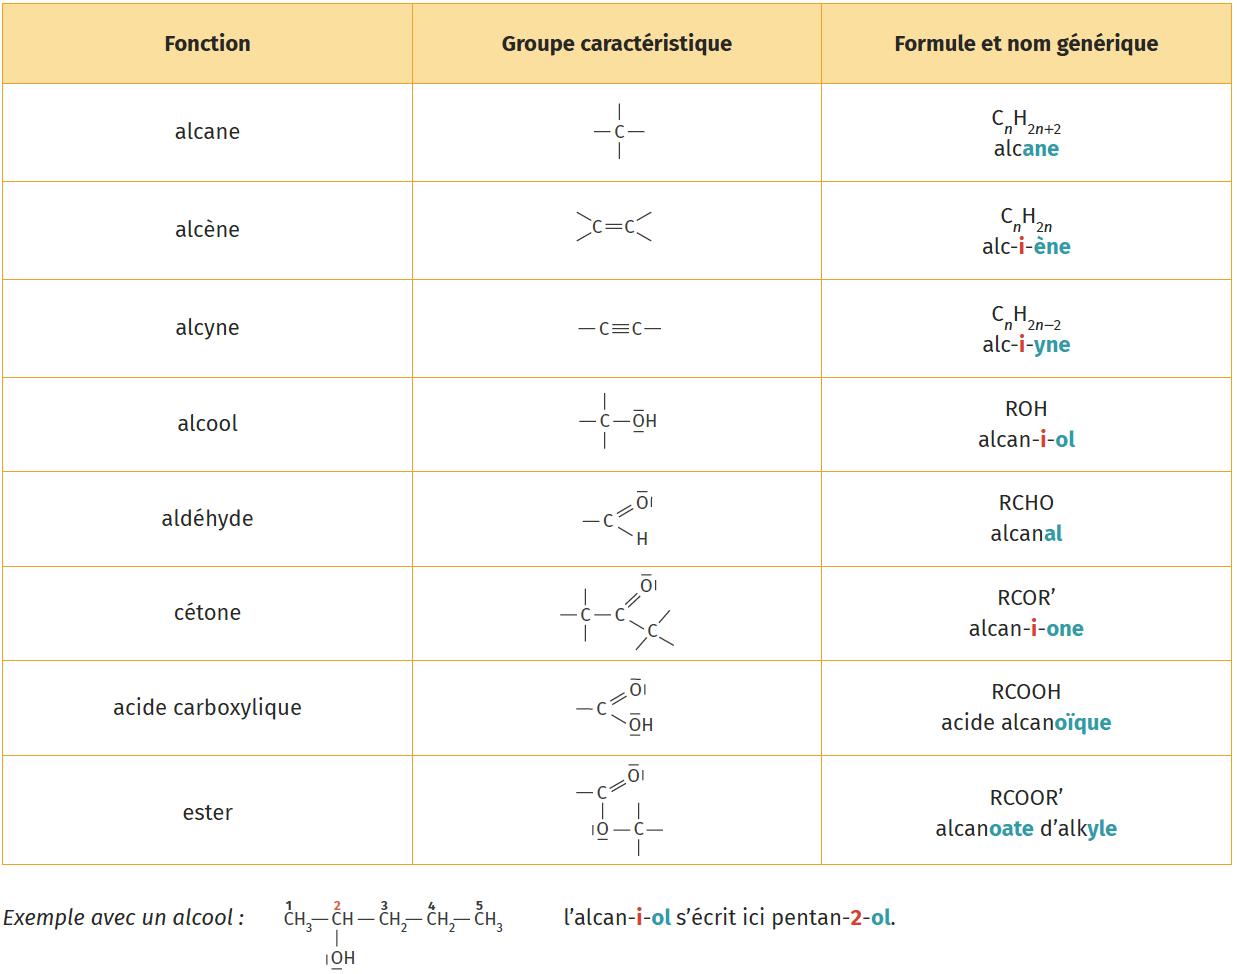 Groupes caractéristiques en chimie organique